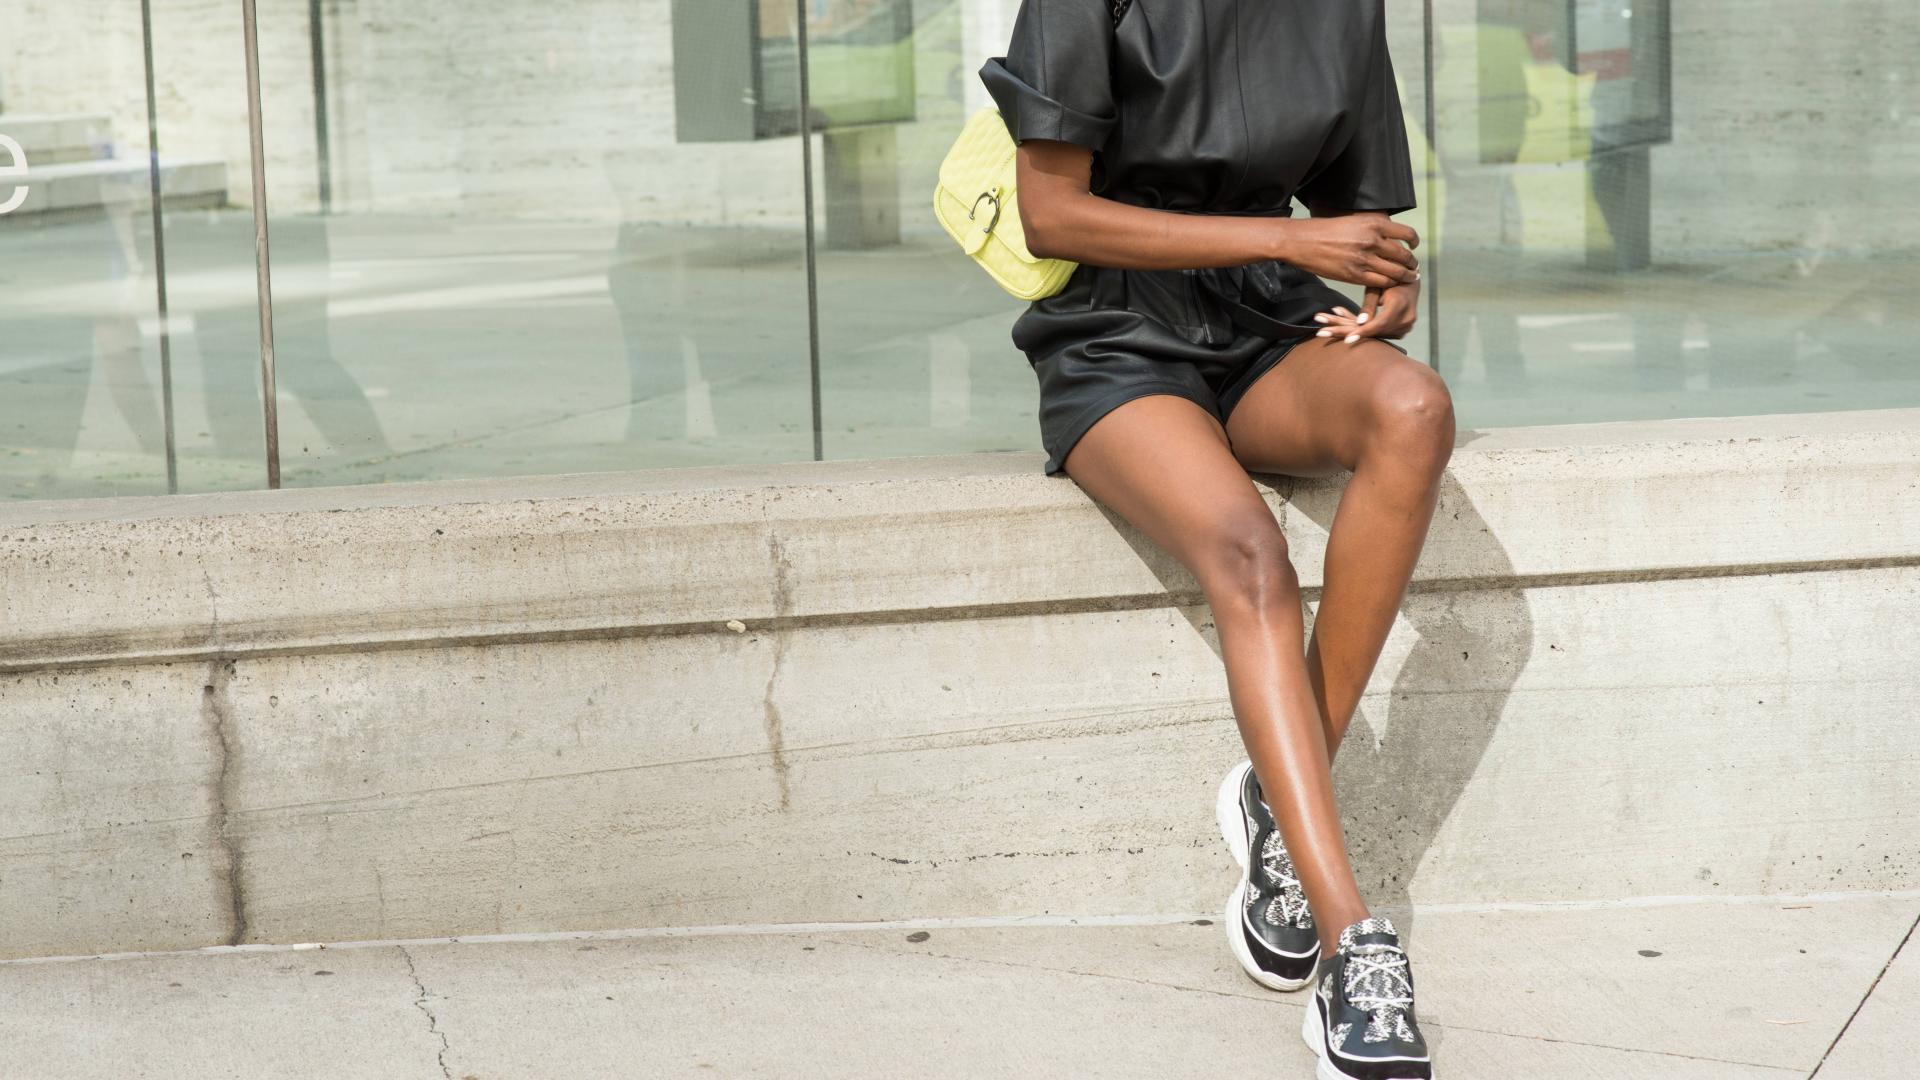 Ledershorts sind die neuen Lederhosen